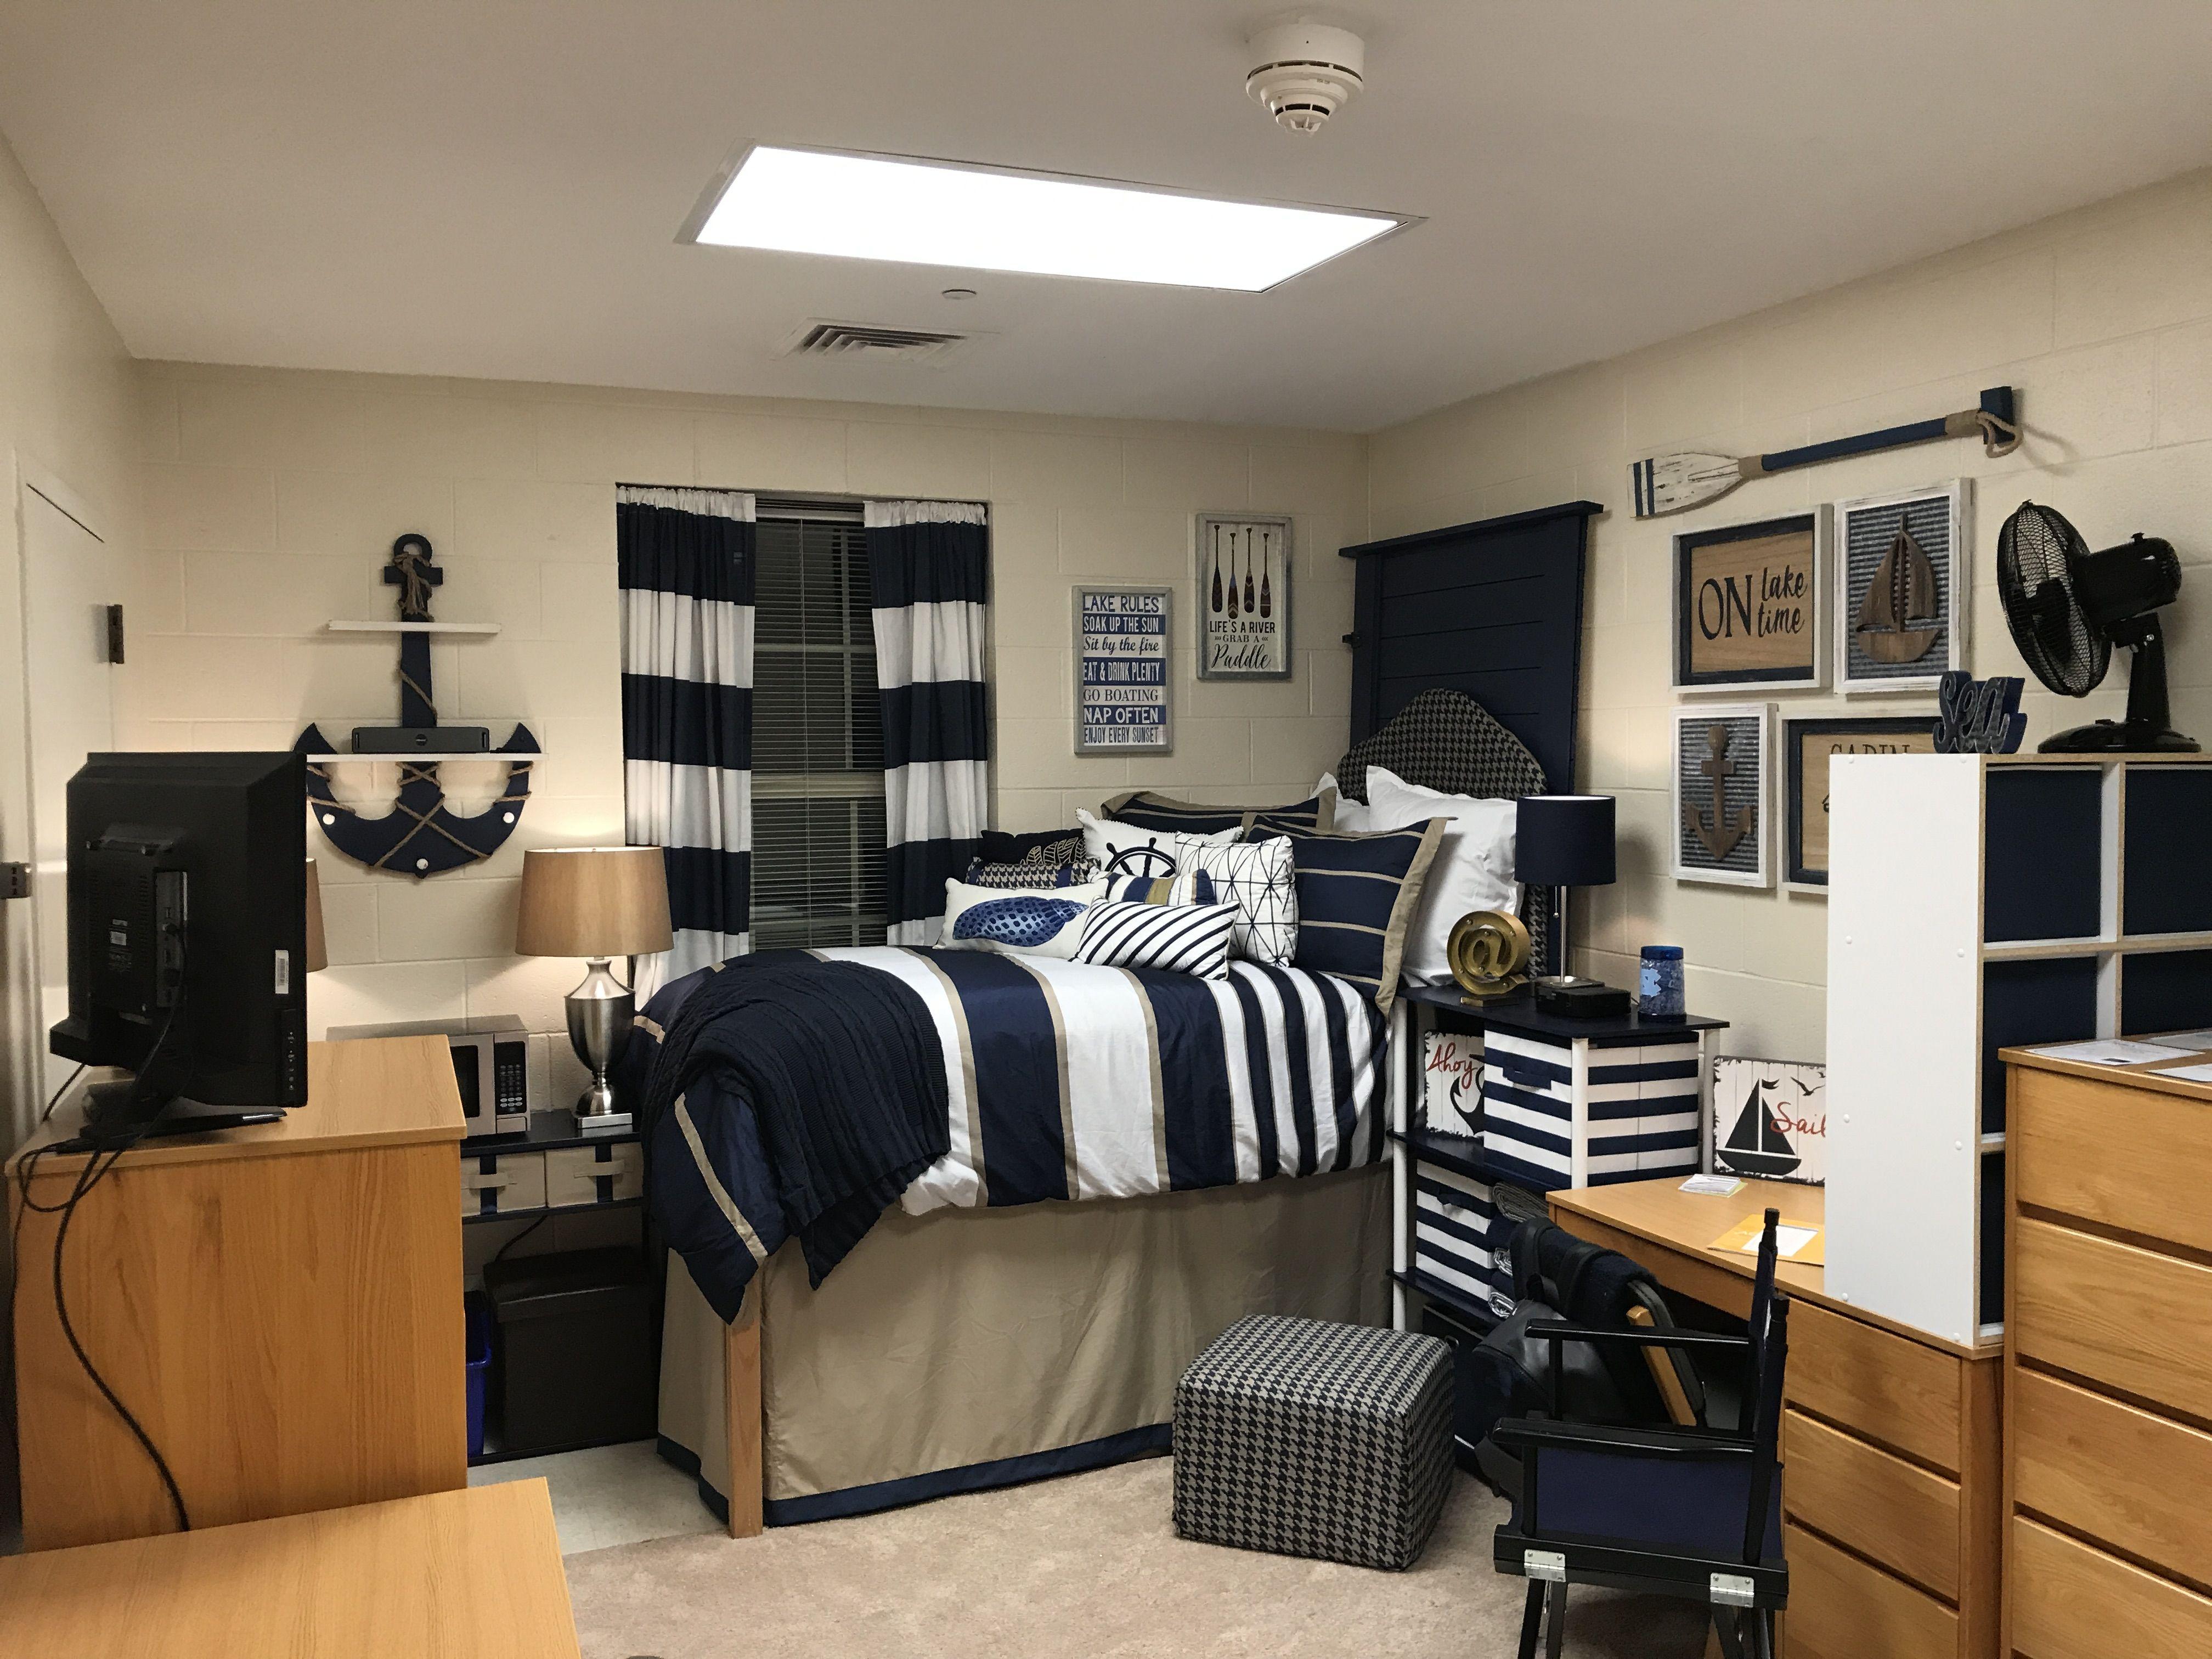 Best Boys Dorm Room Unc Chapel Hill 2018 Dorm Room Decor 400 x 300